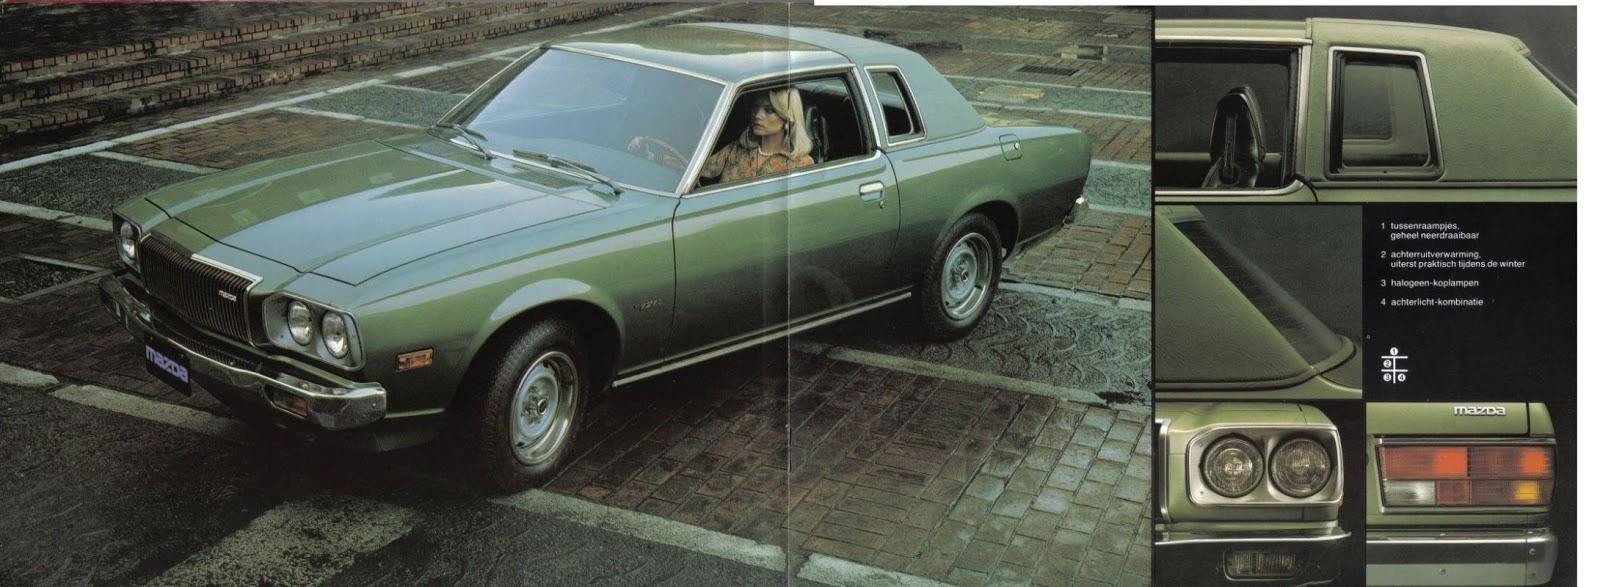 Mazda Cosmo L, coupe, stare japońskie auto, kultowy samochód, ciekawy, oldschool, klasyk z duszą, 121